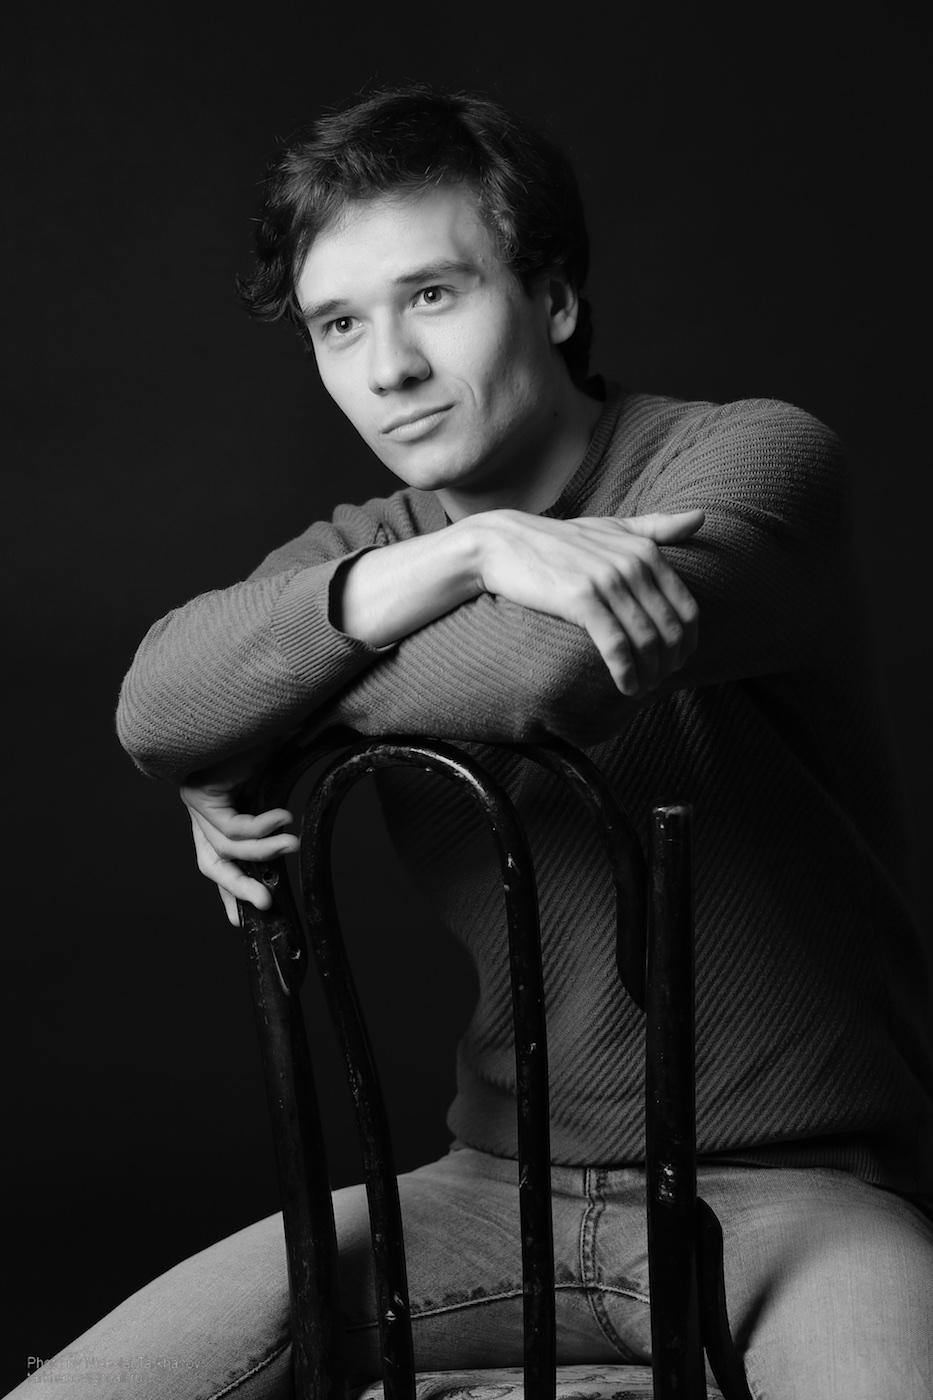 Фотография: Николая Тарханова